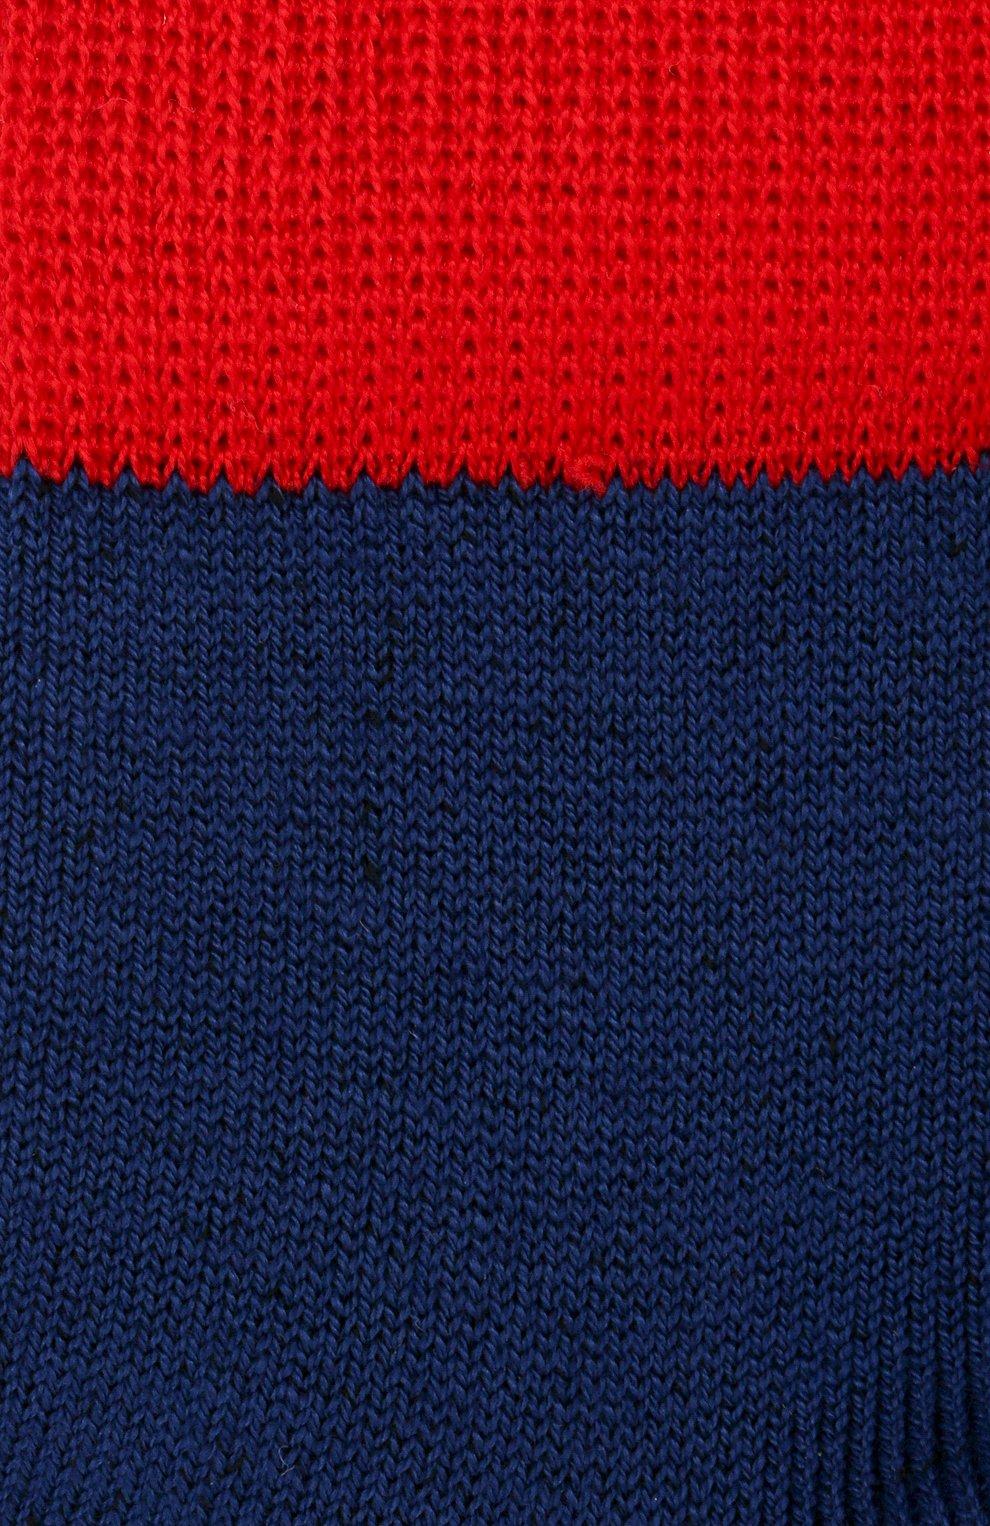 Детские хлопковые носки LA PERLA синего цвета, арт. 42033/1-2 | Фото 2 (Материал: Текстиль, Хлопок)